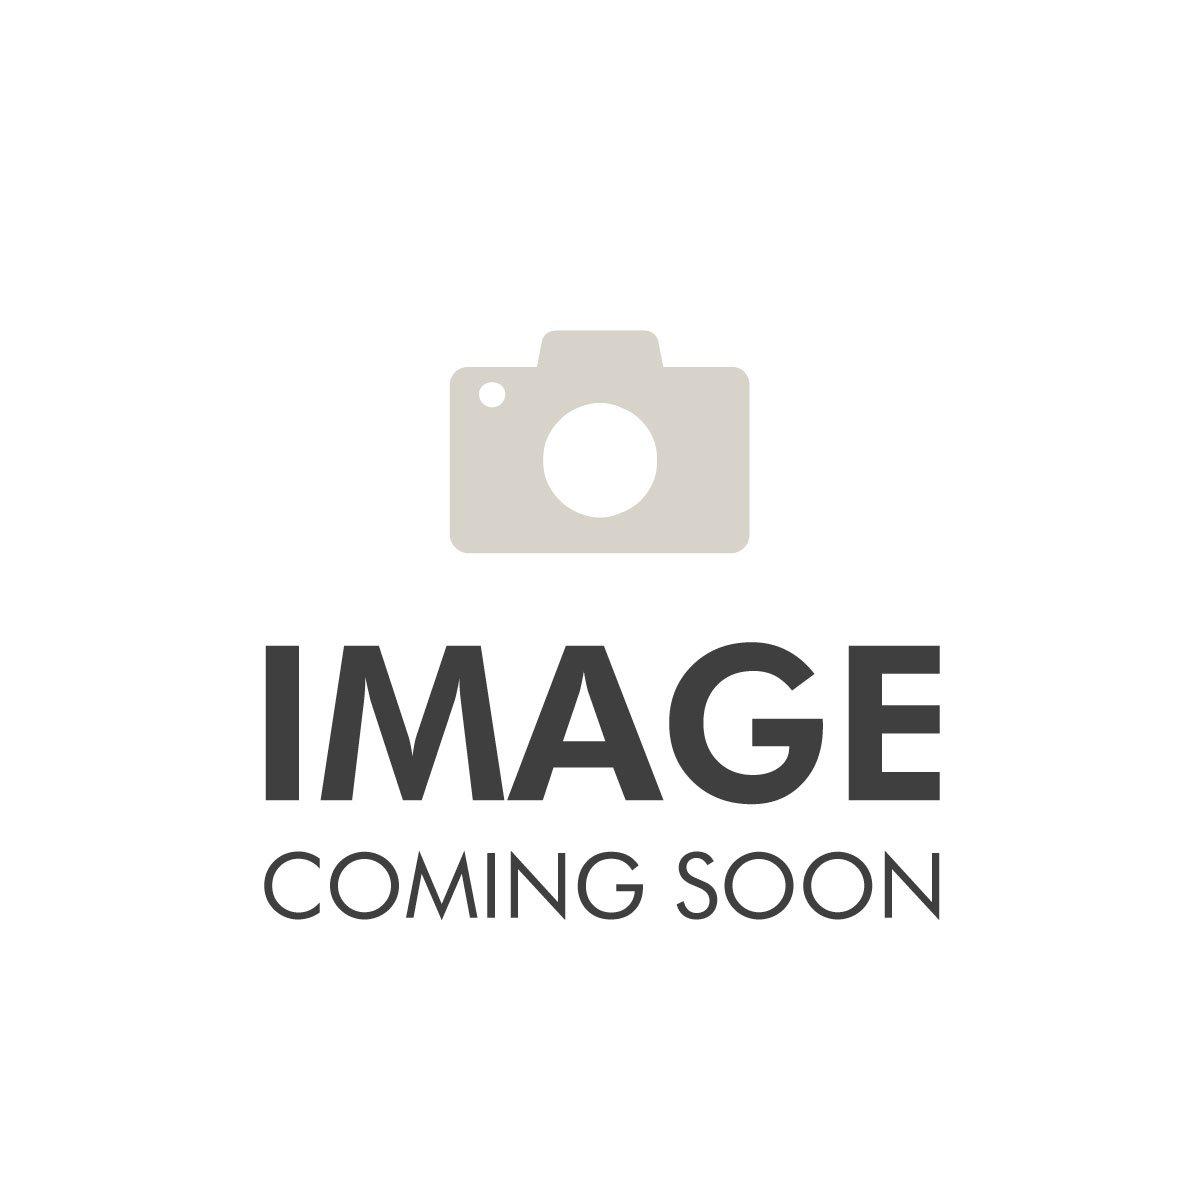 Giorgio Armani Acqua di Gio for Men 150ml Deodorant Spray